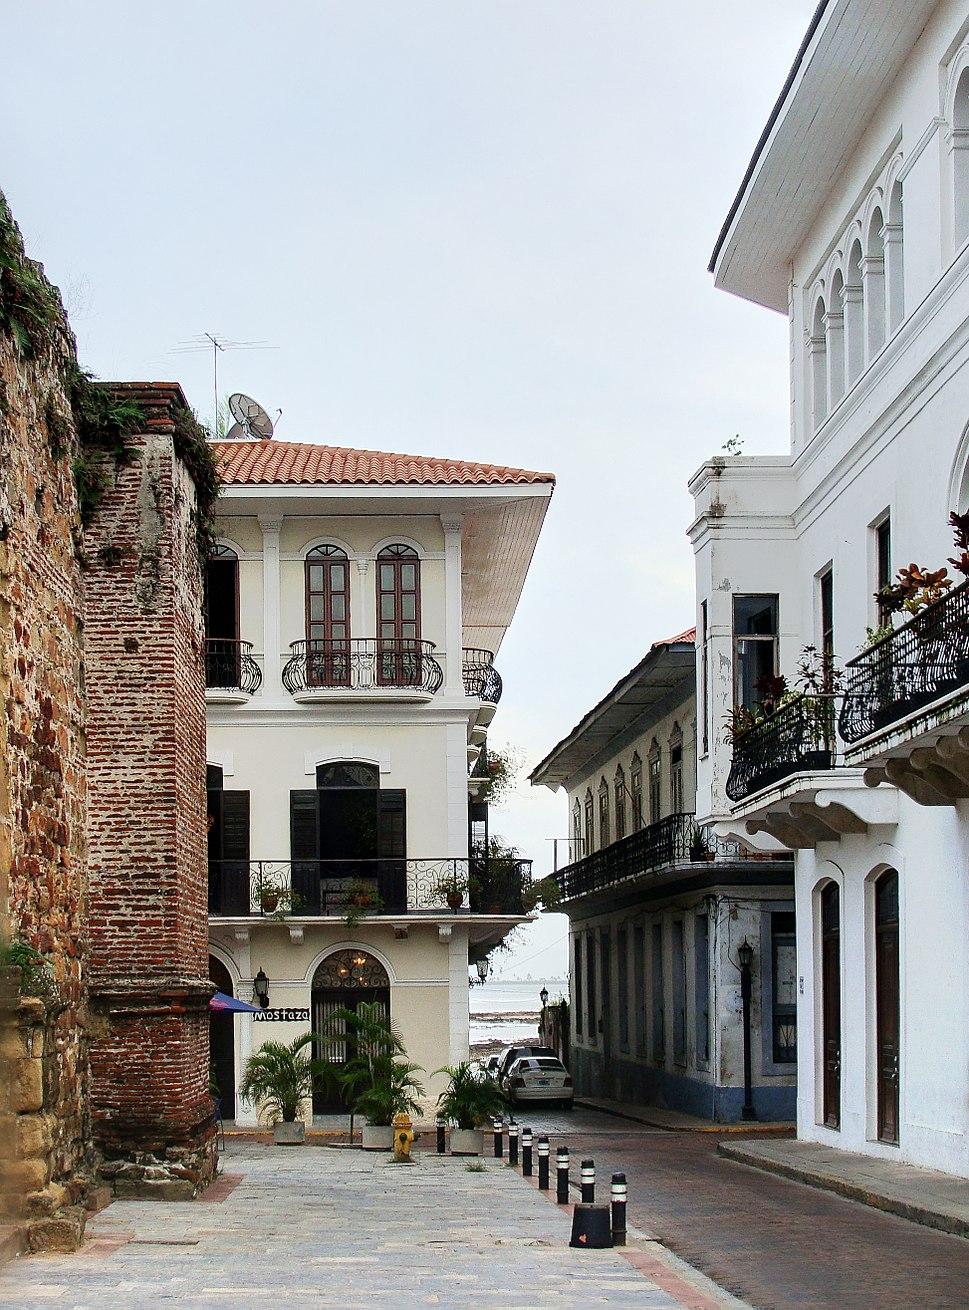 Calle Casco Viejo